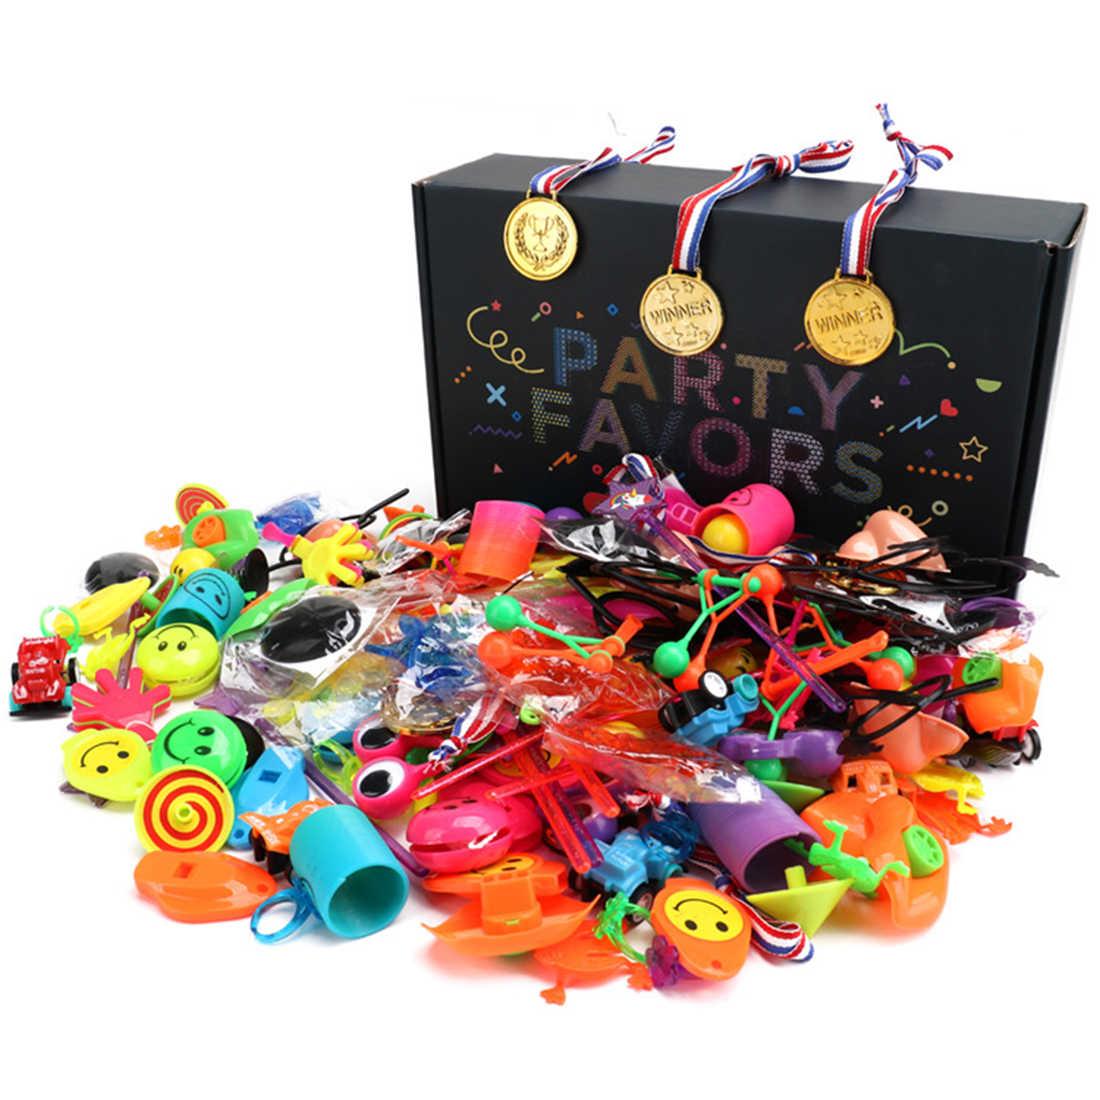 Цена оптовой продажи 150 шт./лот дети маленькие игрушки вечерние Опора Набор День рождения праздник DIY украшения пользу призы для детей подарок